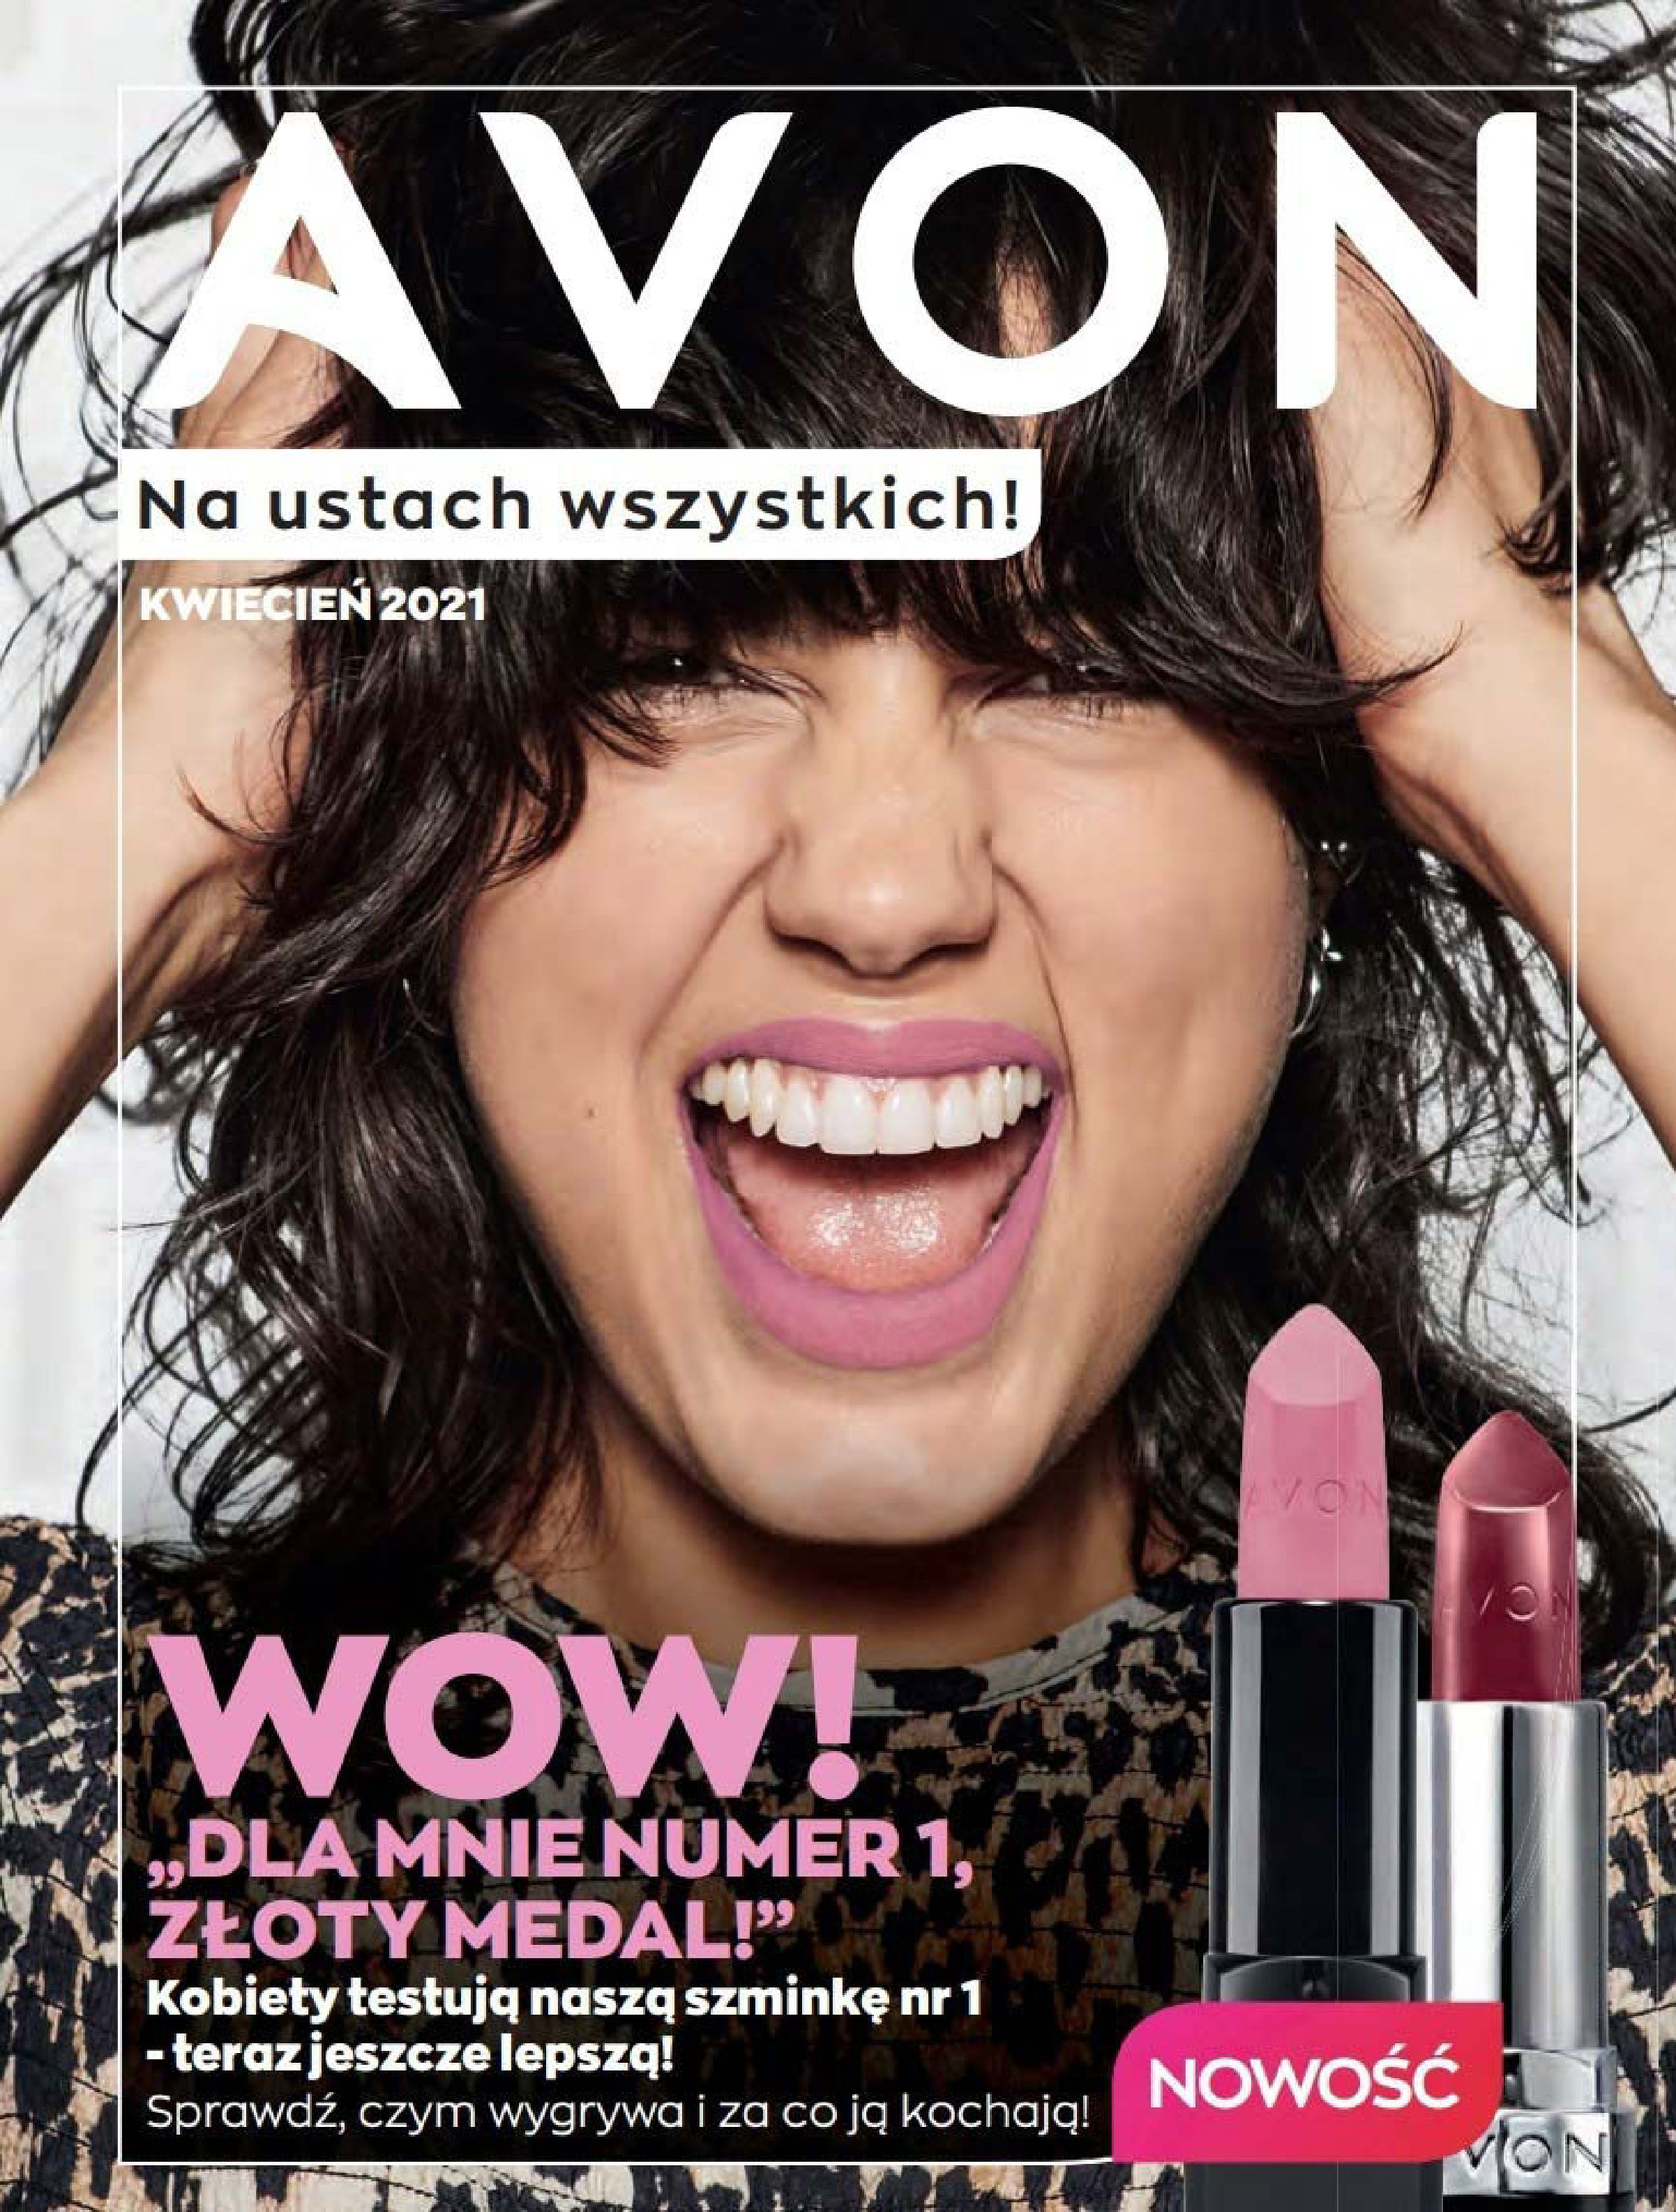 Gazetka Avon: Katalog Kwiecień 2021 2021-04-01 page-1